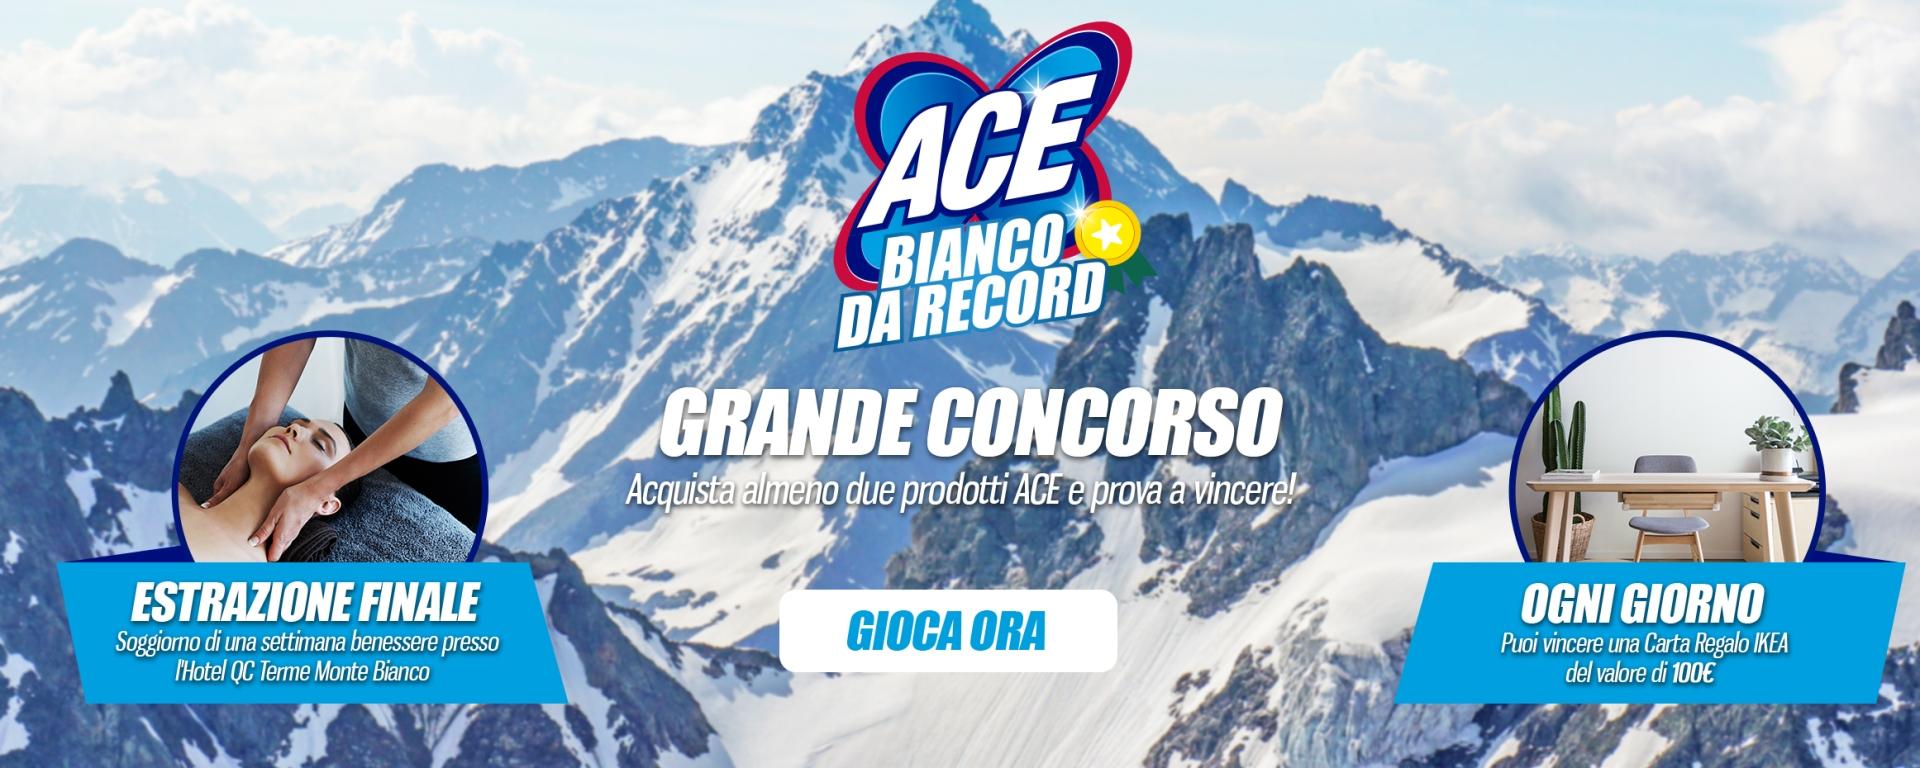 Ace Bianco Da Record Ogni Giorno Vinci Gift Card Ikea Da 100